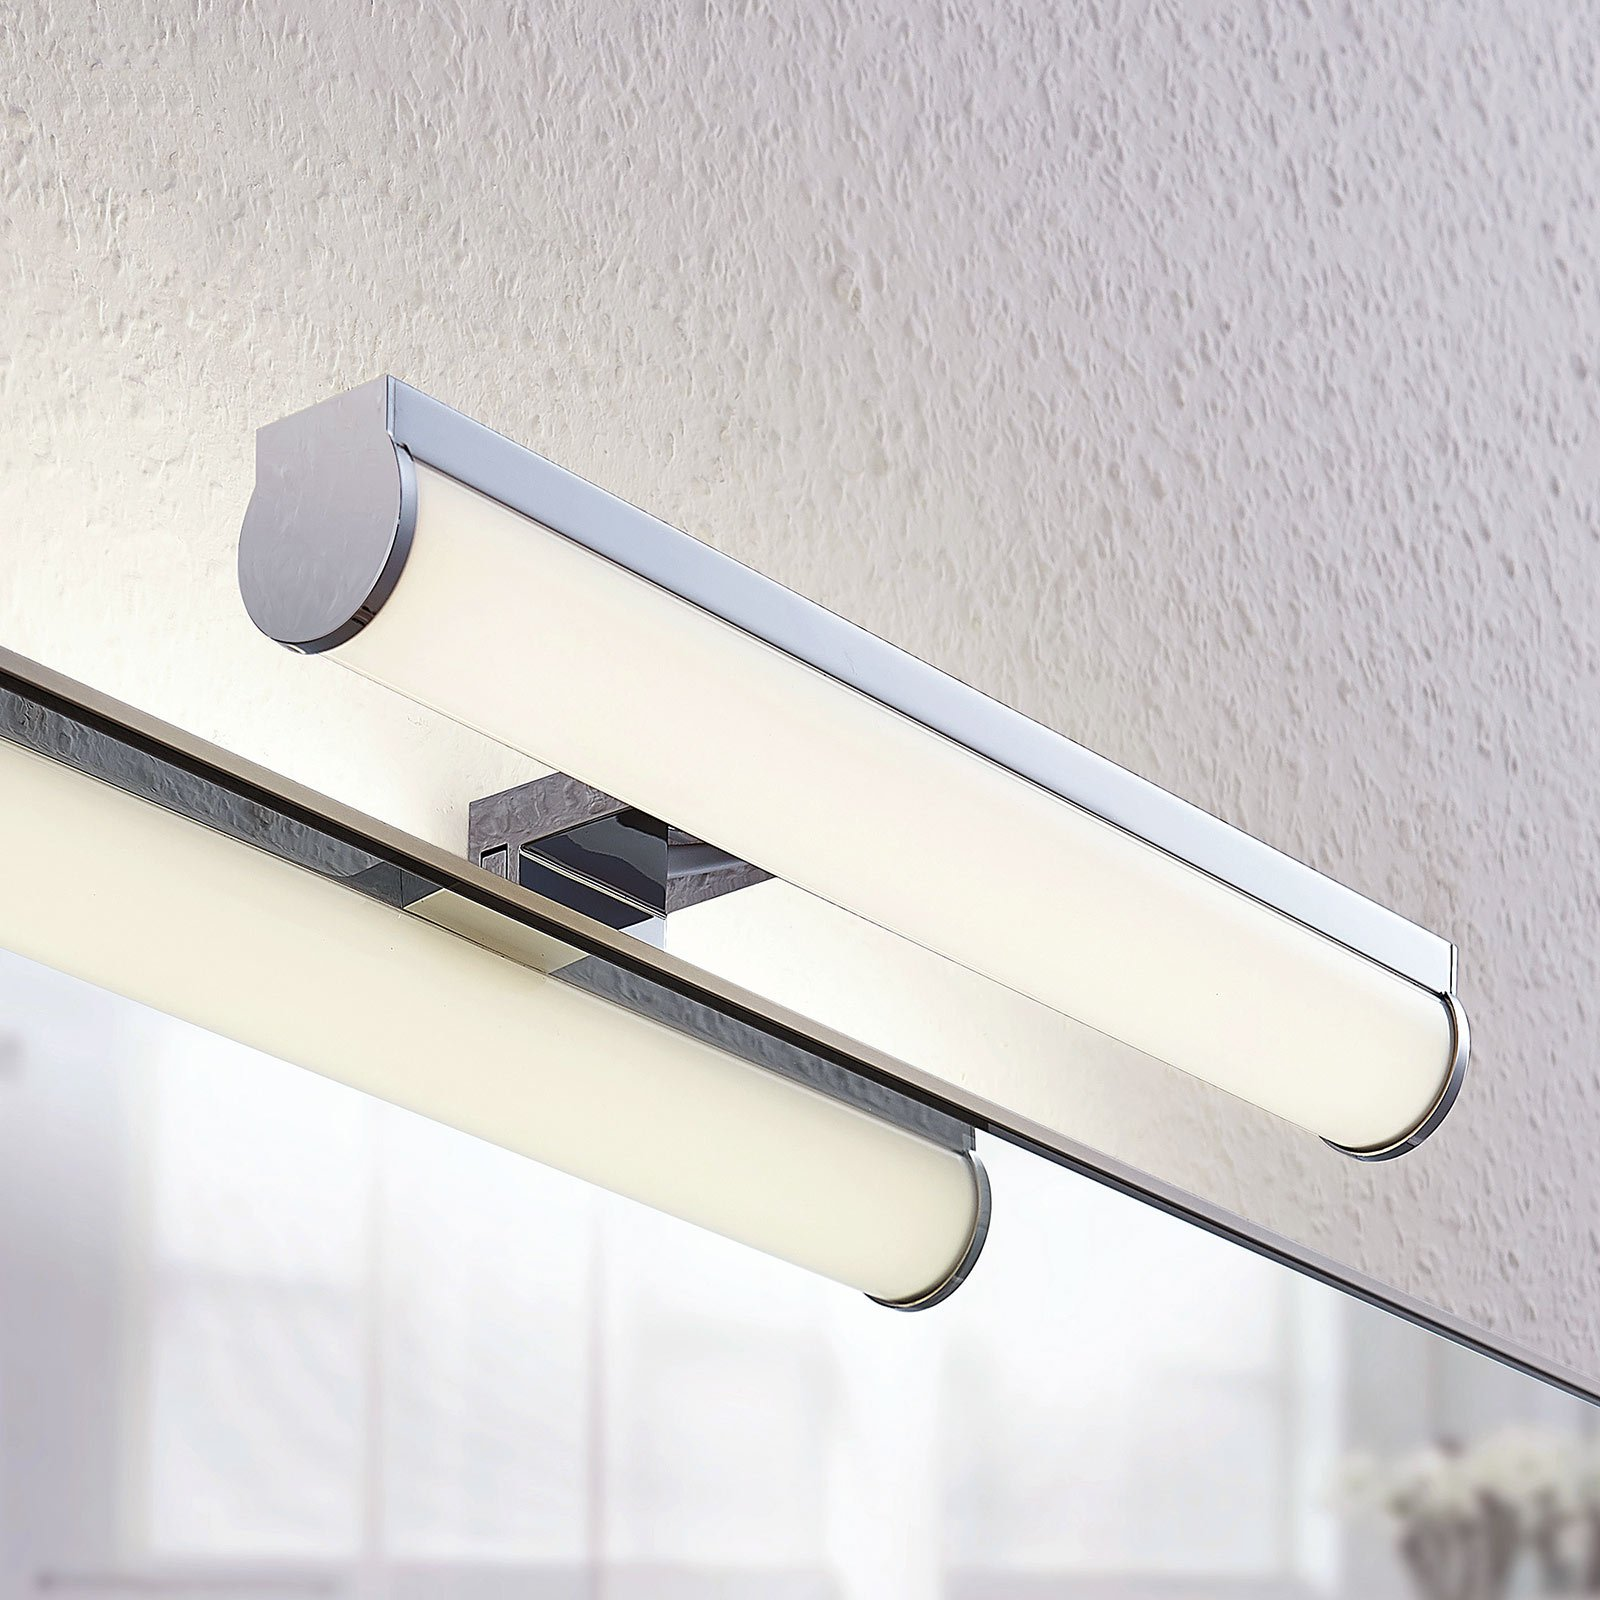 LED-bade- og speillampe Irmena, 30 cm